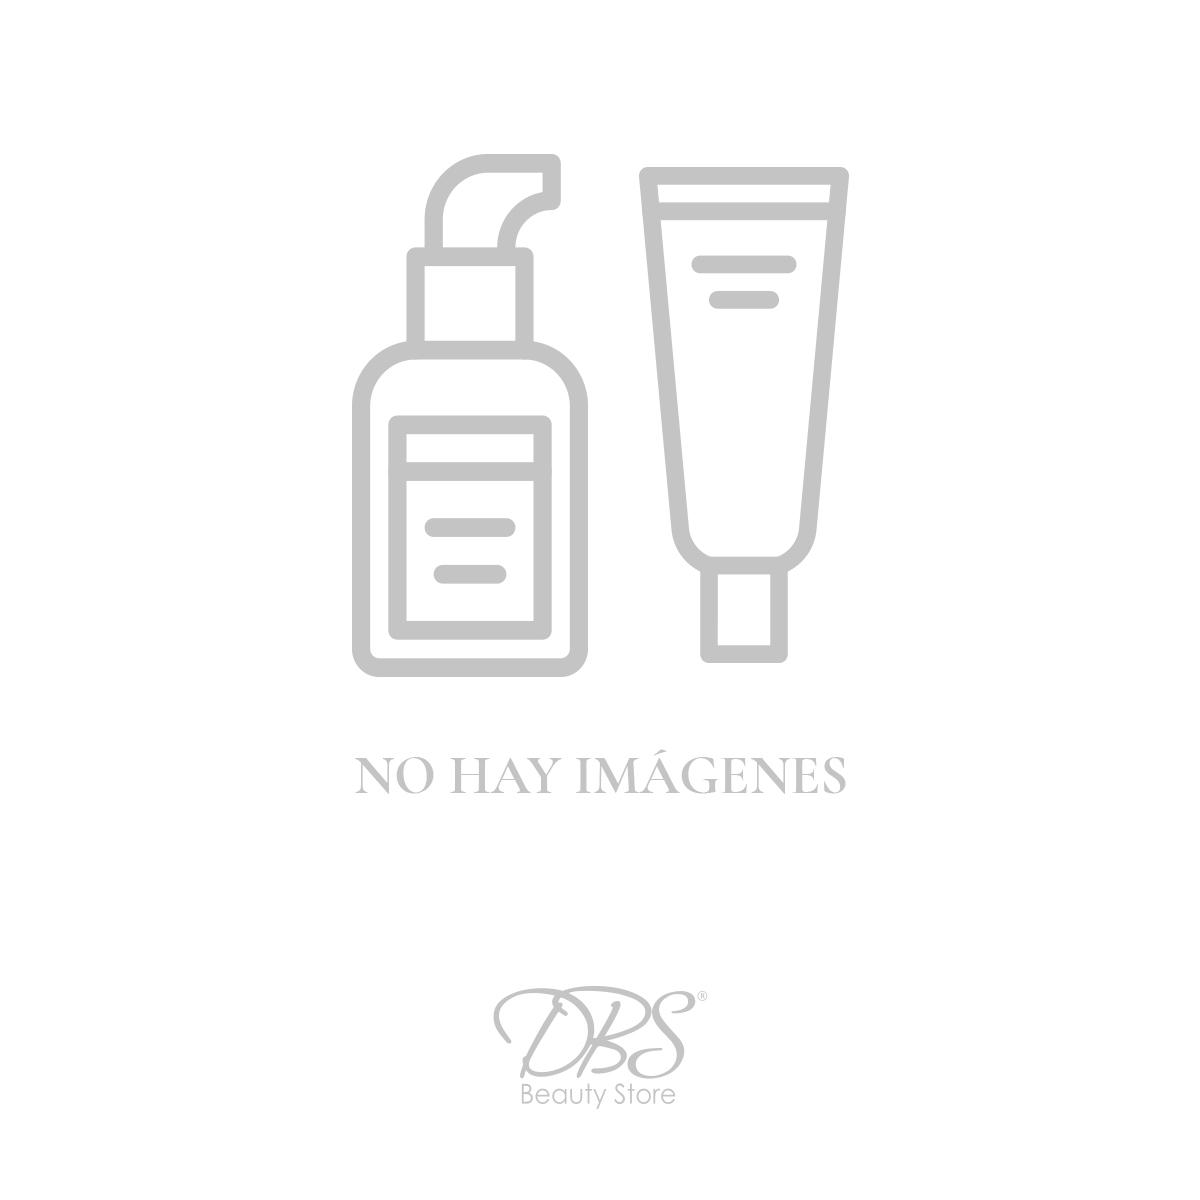 dbs-cosmetics-DBS-OS1323-MP.jpg